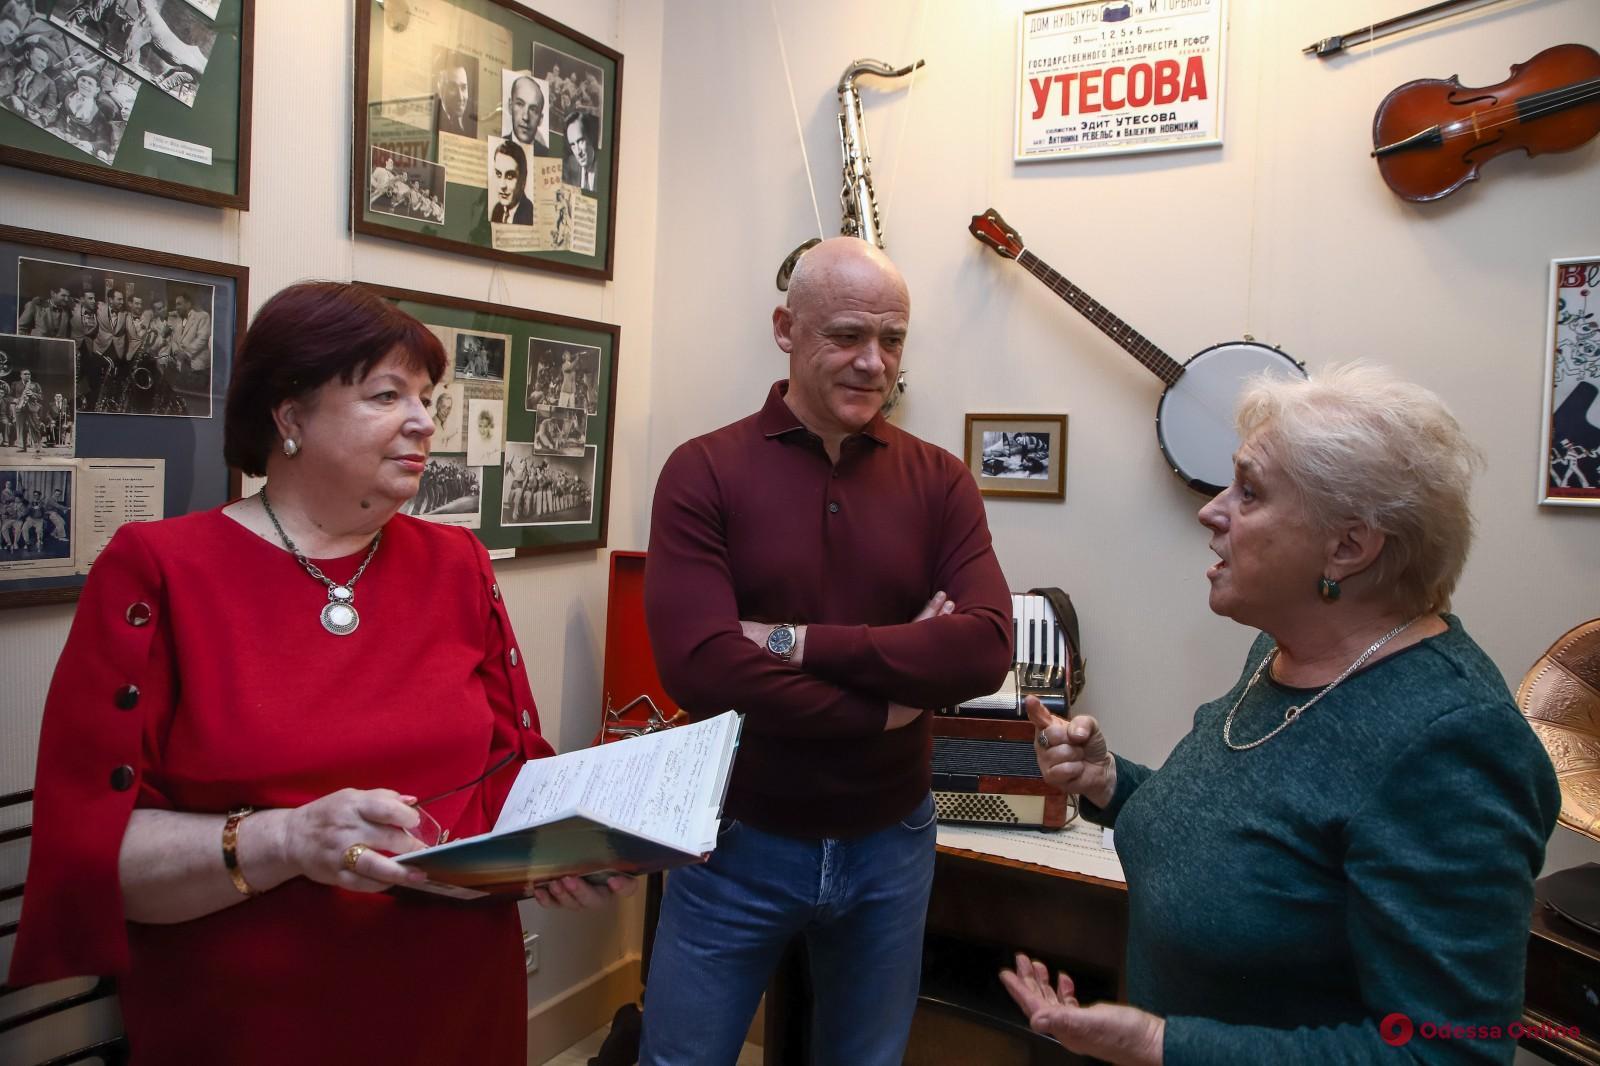 Мэр Одессы наградил сотрудницу музея Утесова